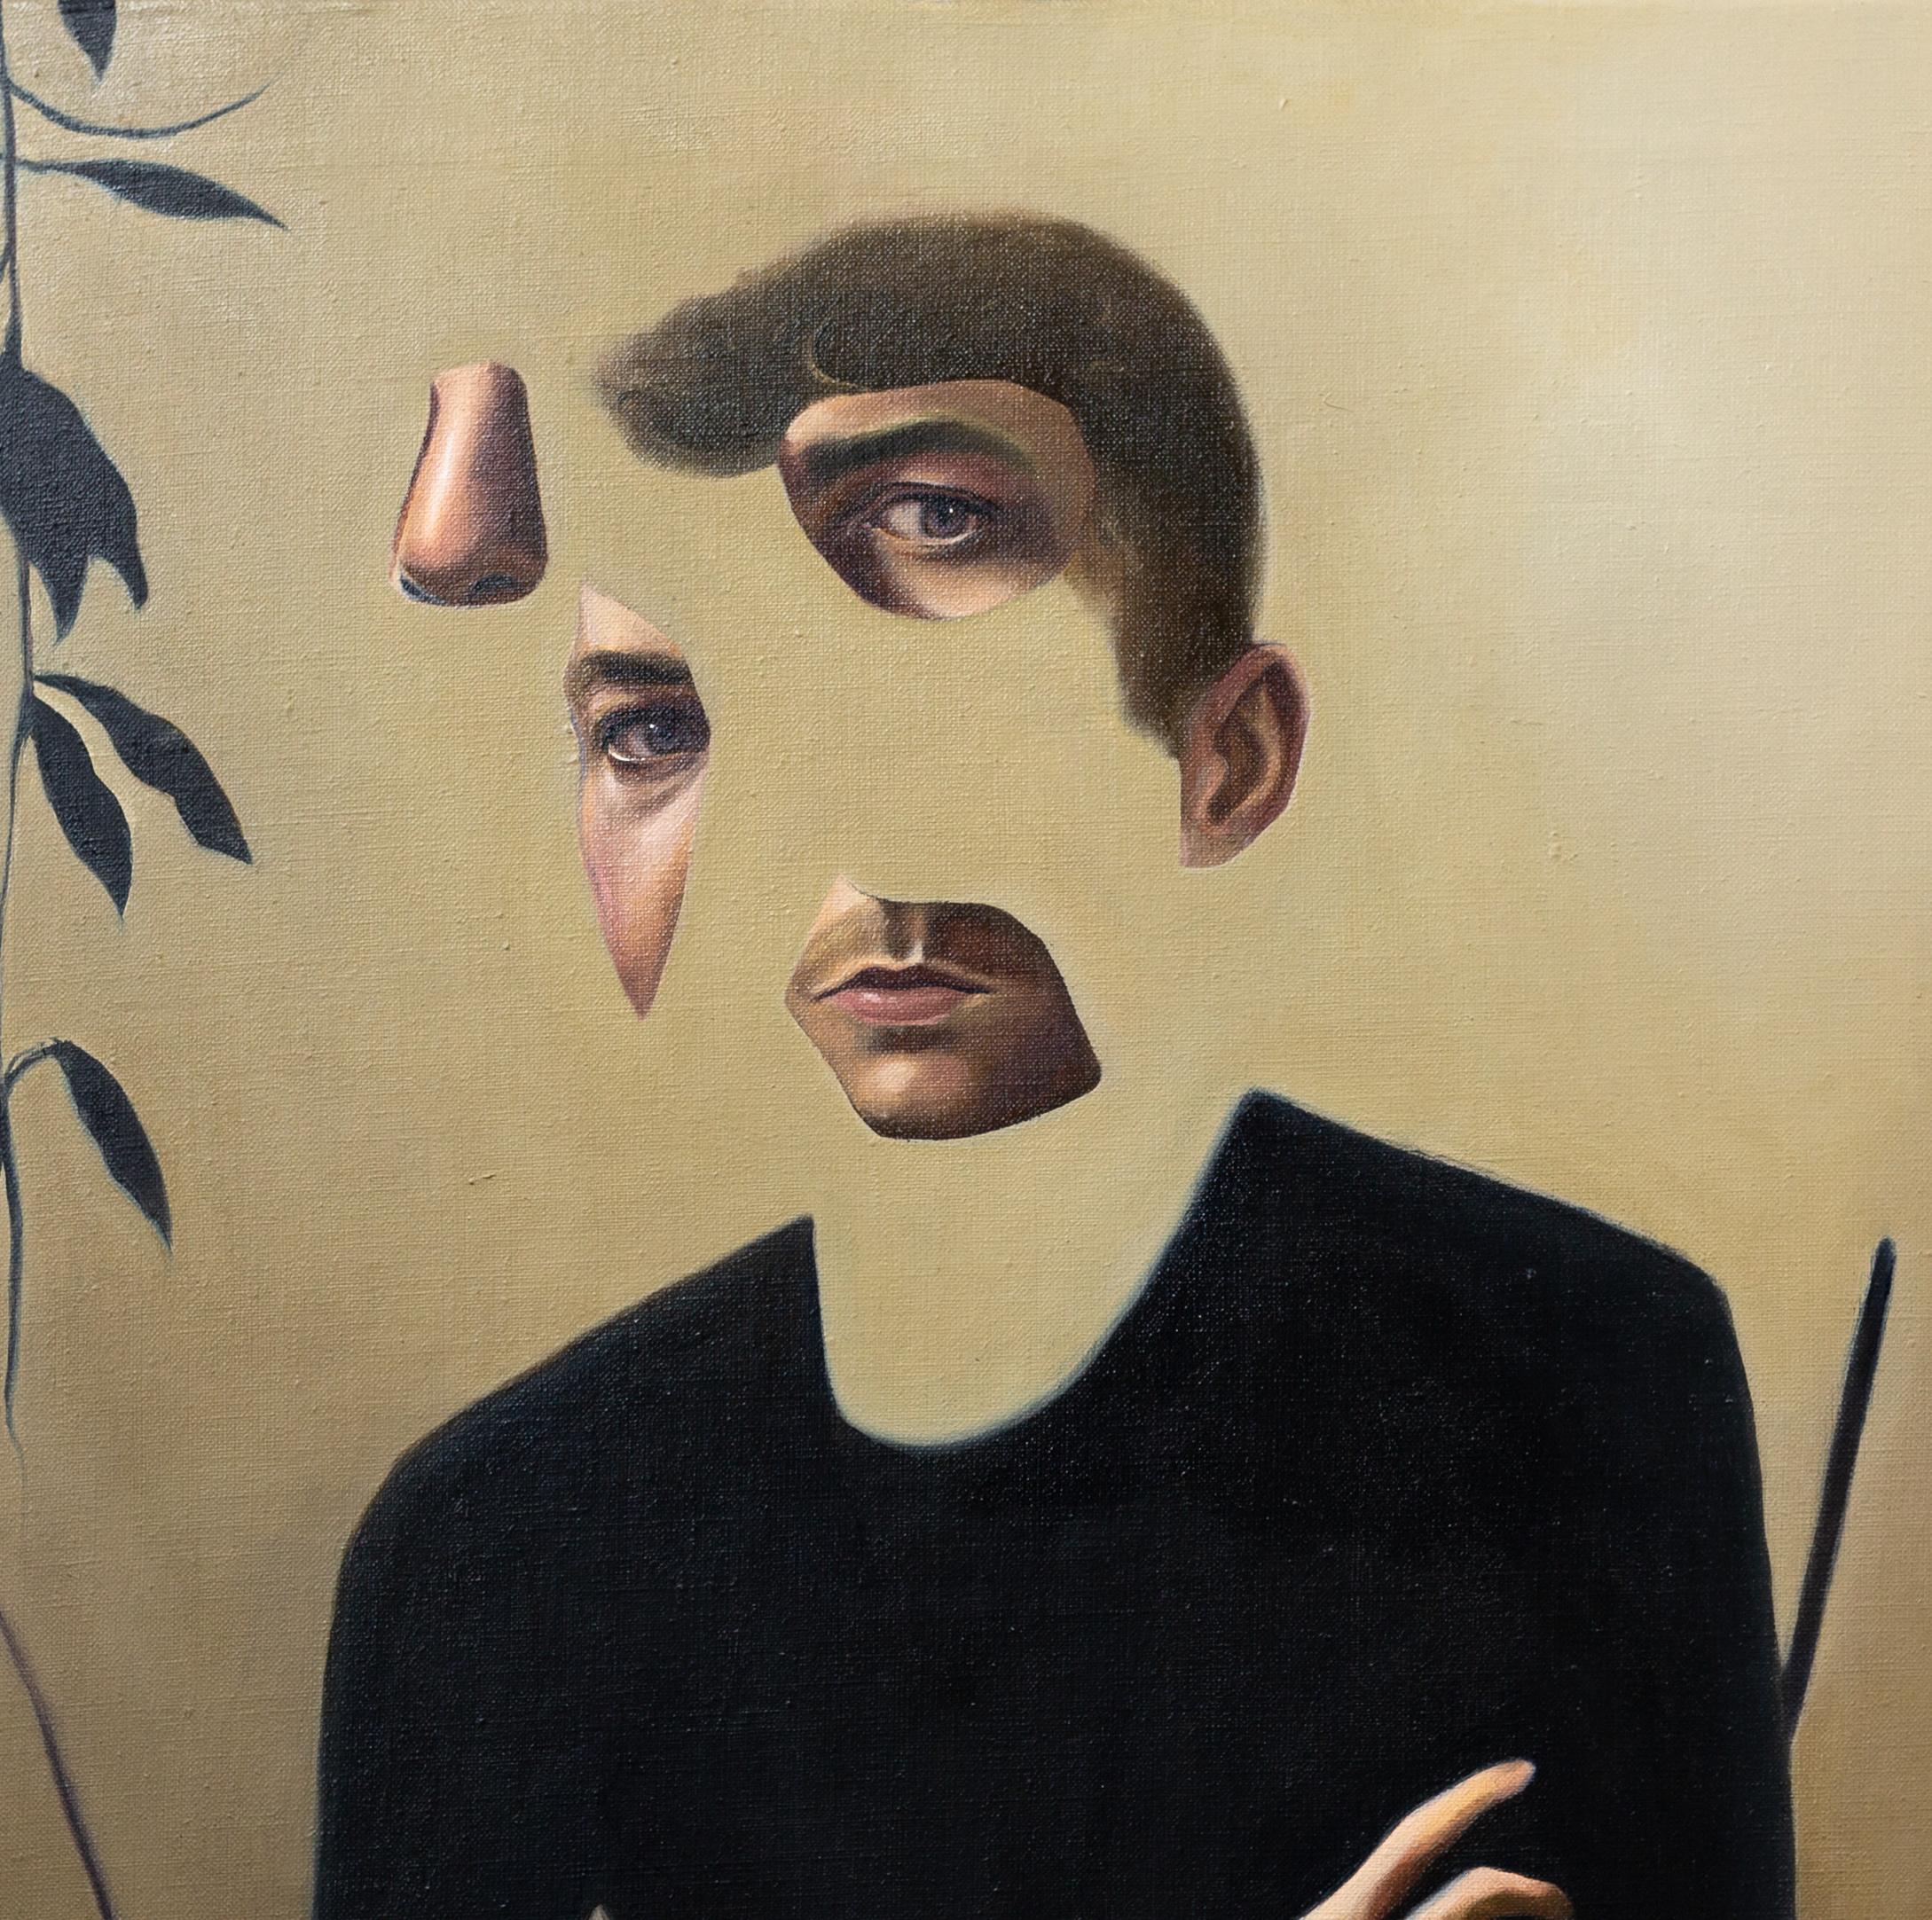 Self portrait in lockdown detail